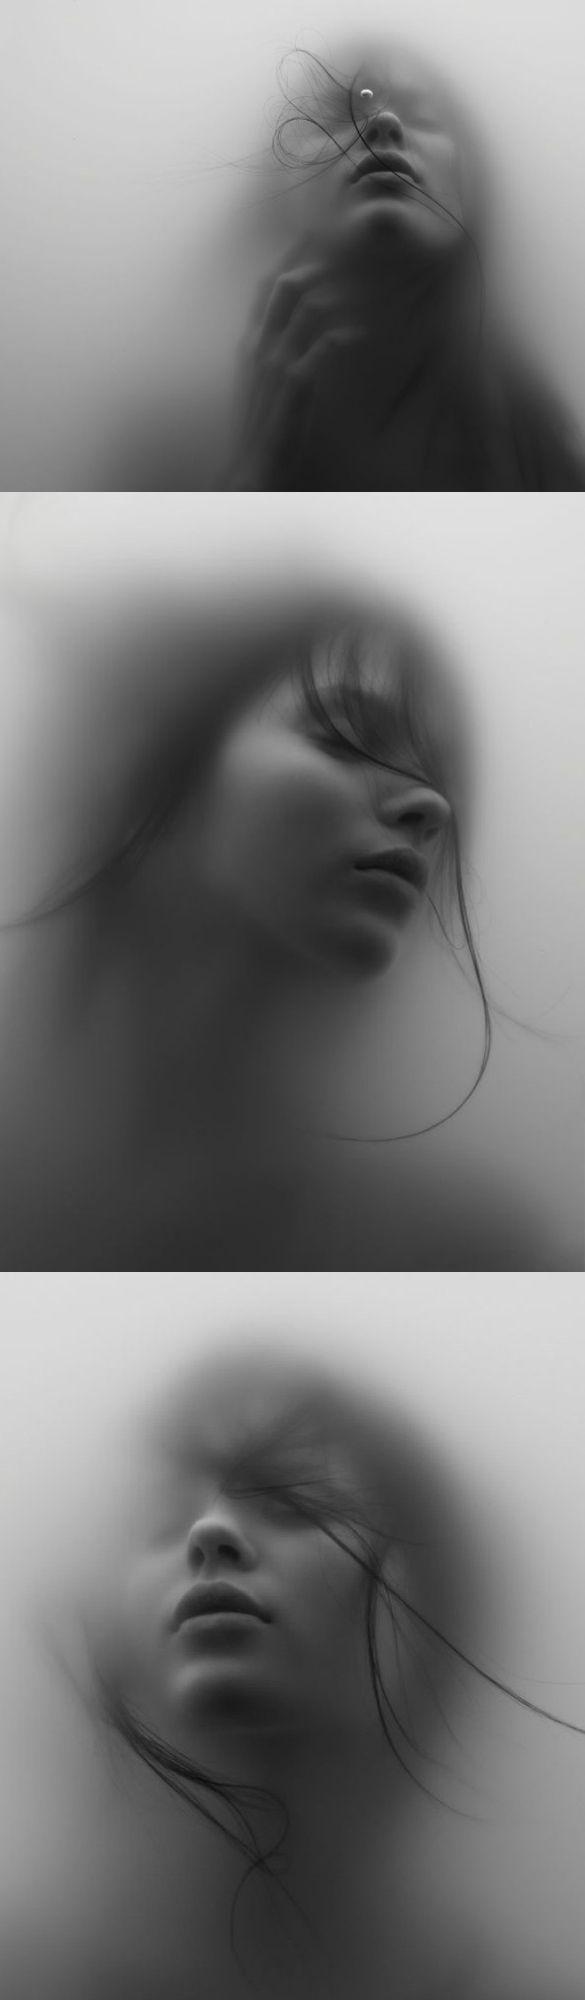 No es en tu rostro, donde se descubre tu hermosura, No es tu escultural silueta lo que te hace ser una mujer perfecta, es tu forma de pensar y la capacidad que tienes para amar a quienes te rodean, son los sentimientos que llevas en el corazón, lo que te determinará tu valor y tu belleza...